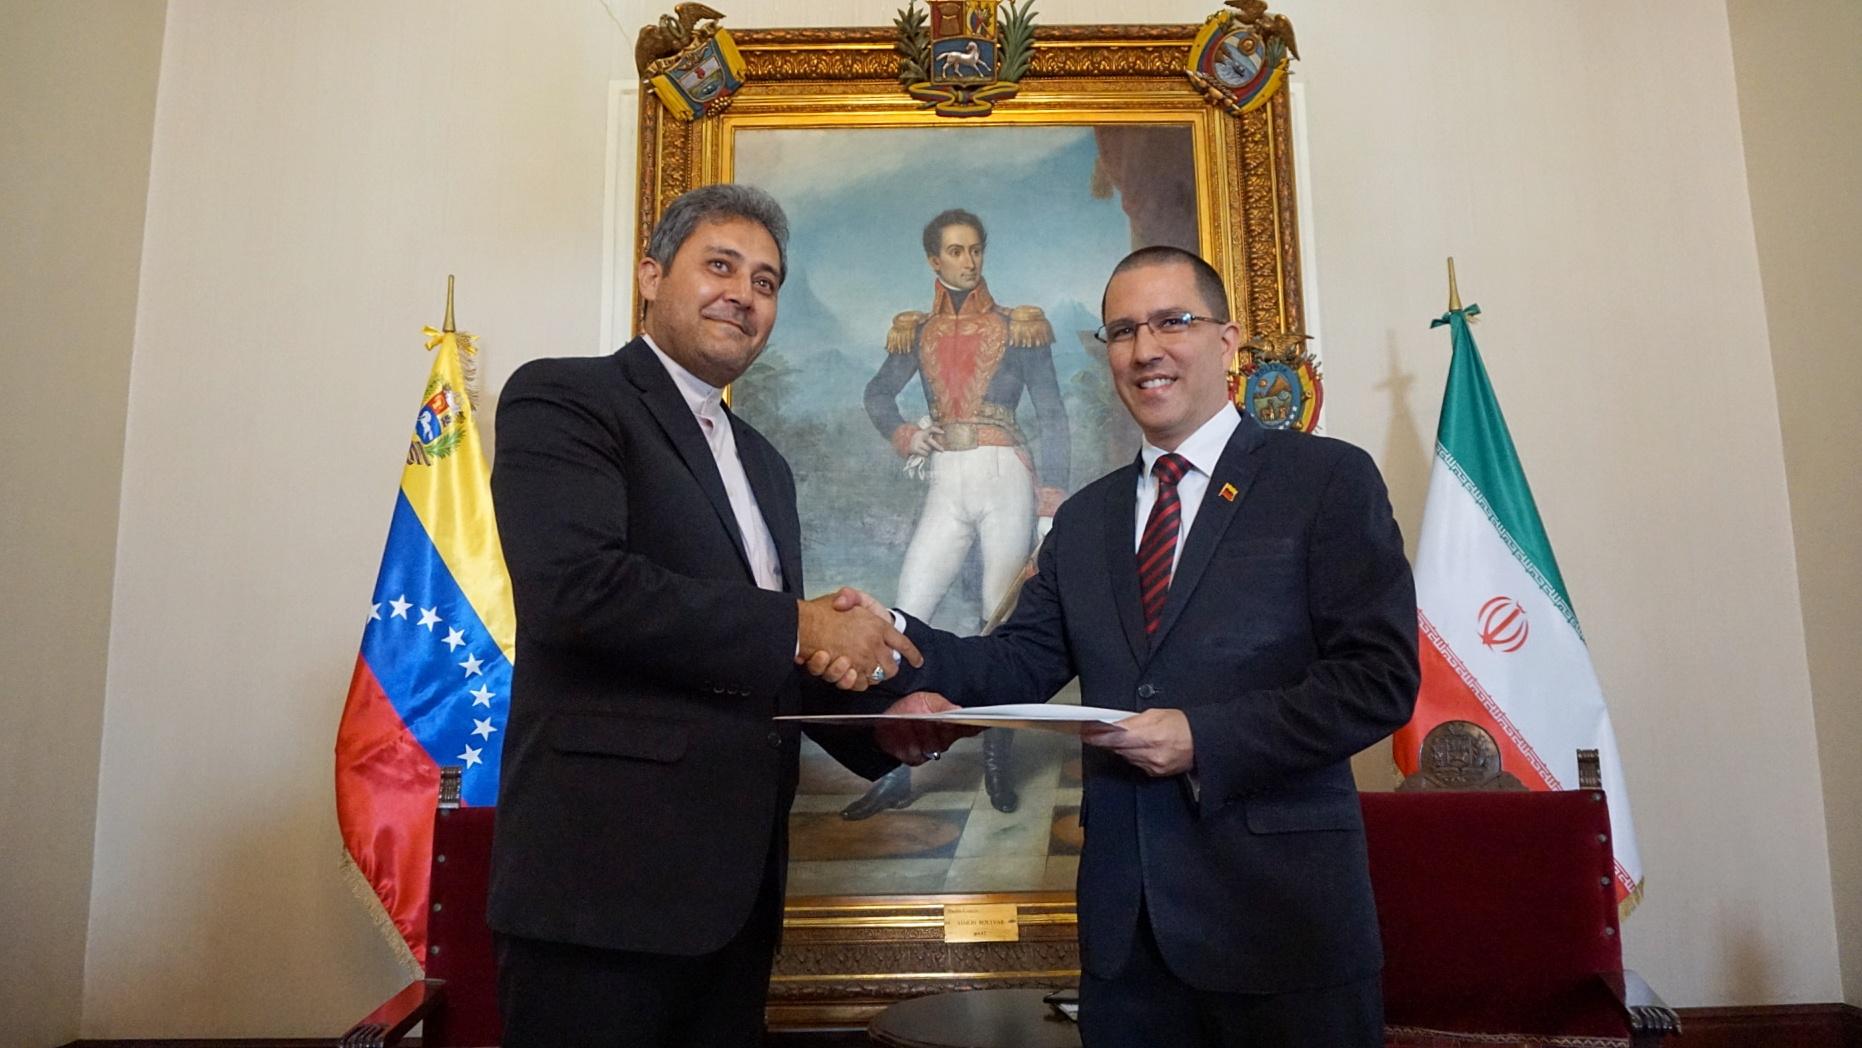 Embajador de Irán en Venezuela presenta Copias de Estilo